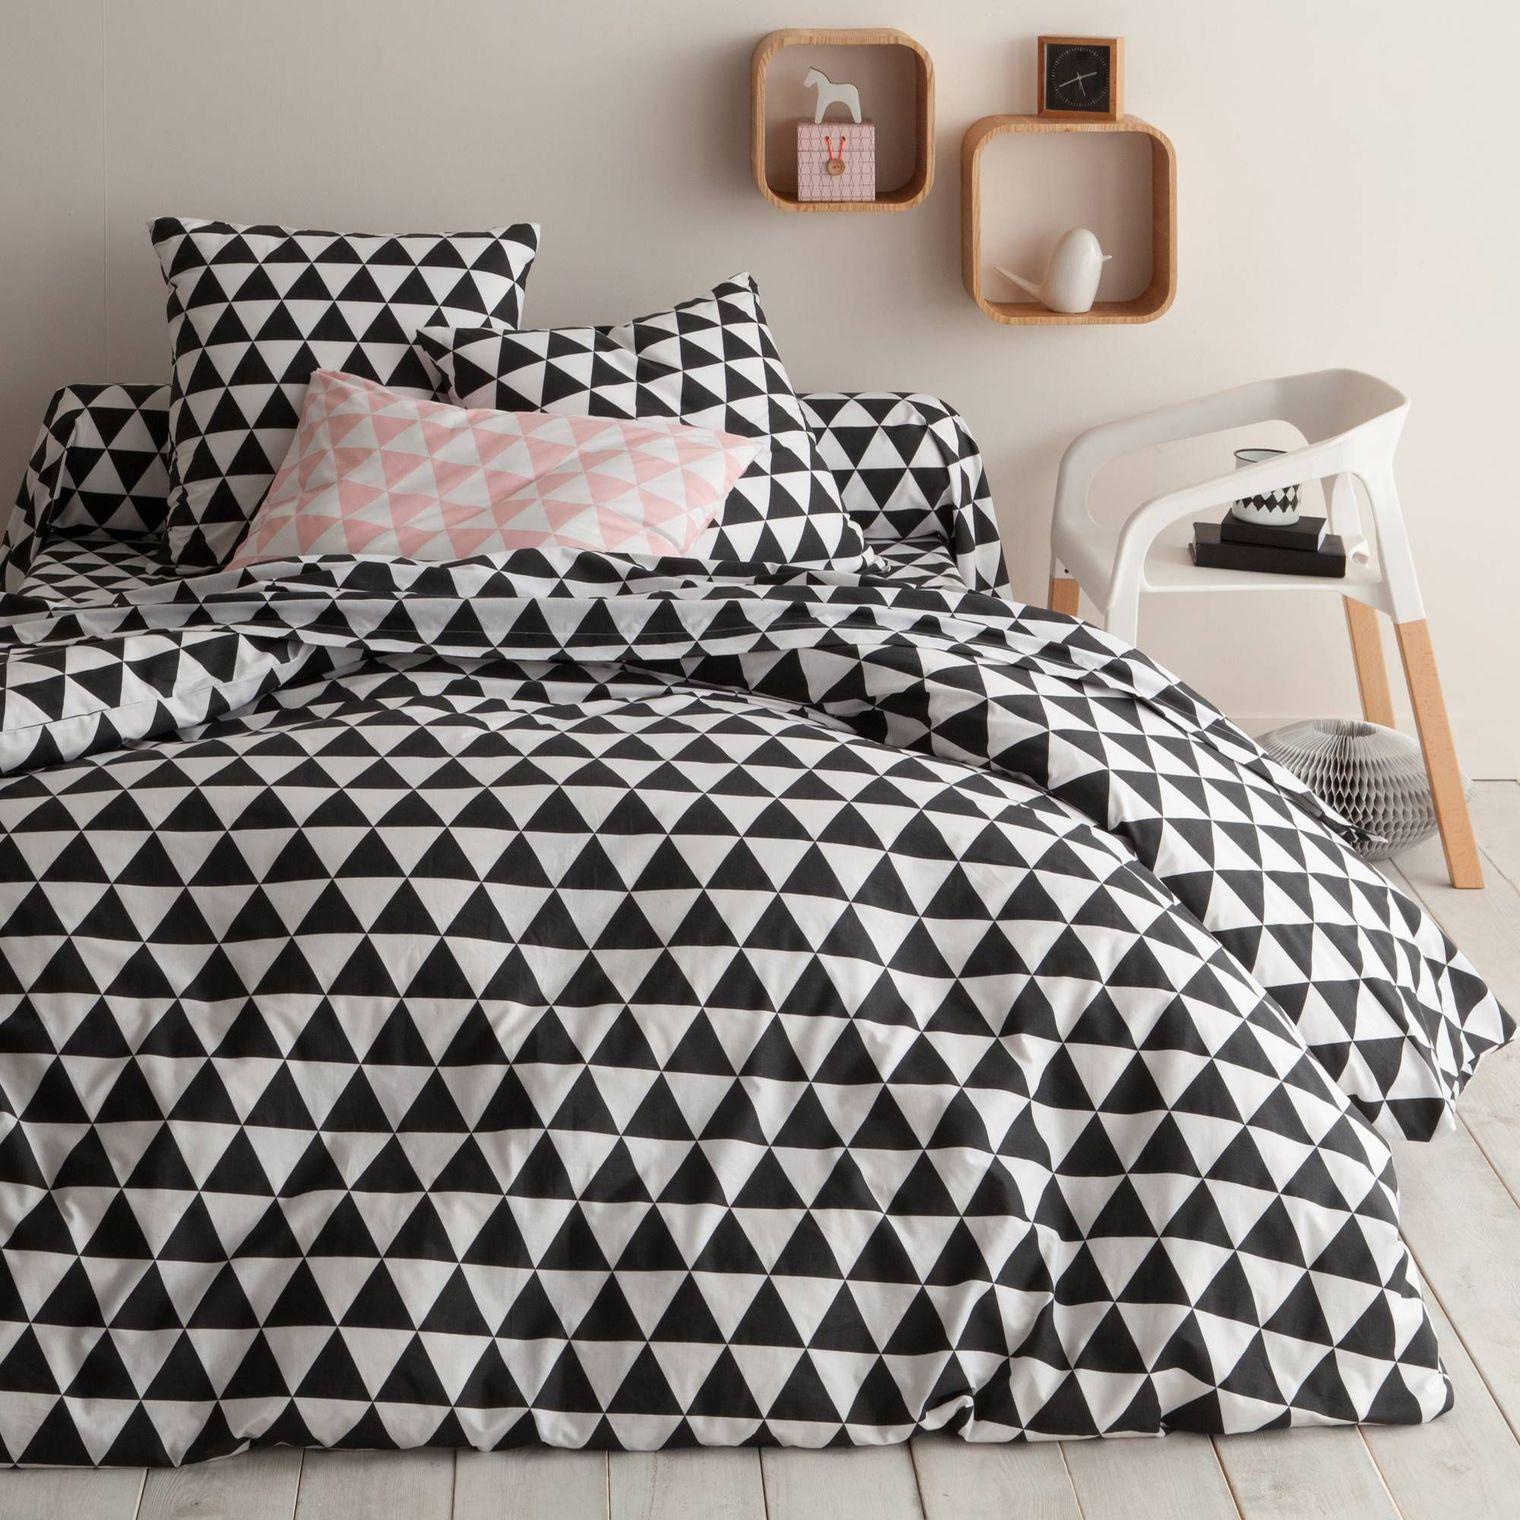 Мебель для комнаты: геометрические формы